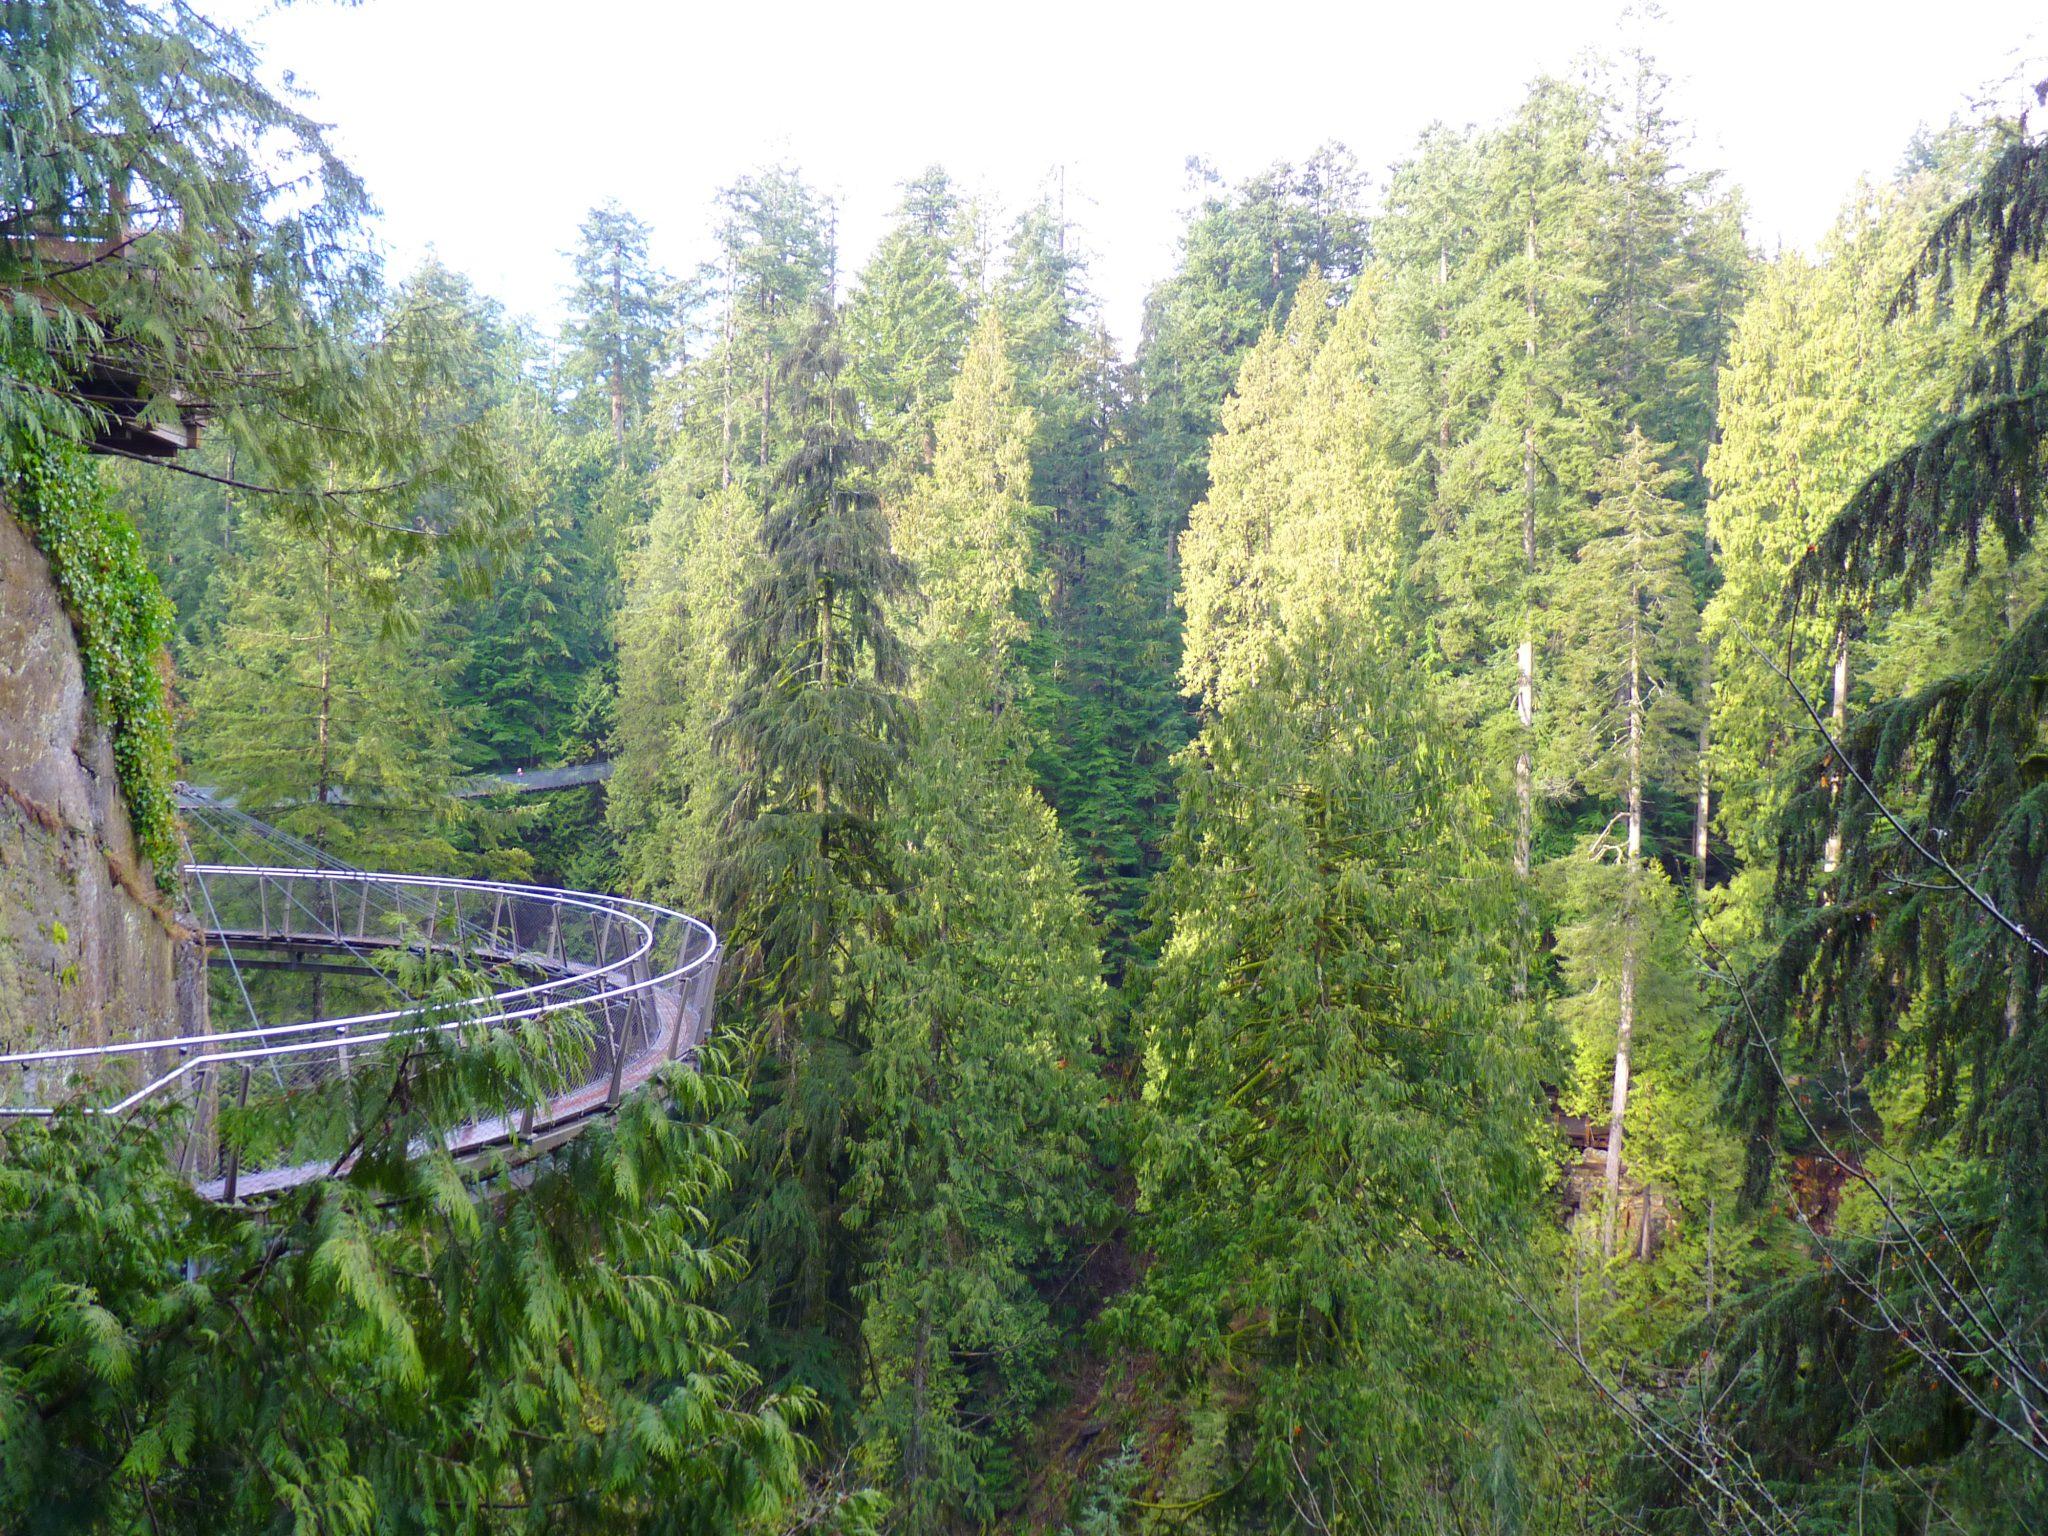 Cliffwalk 02 Capilano Suspension Bridge Park Vancouver Canadá Mundo Indefinido